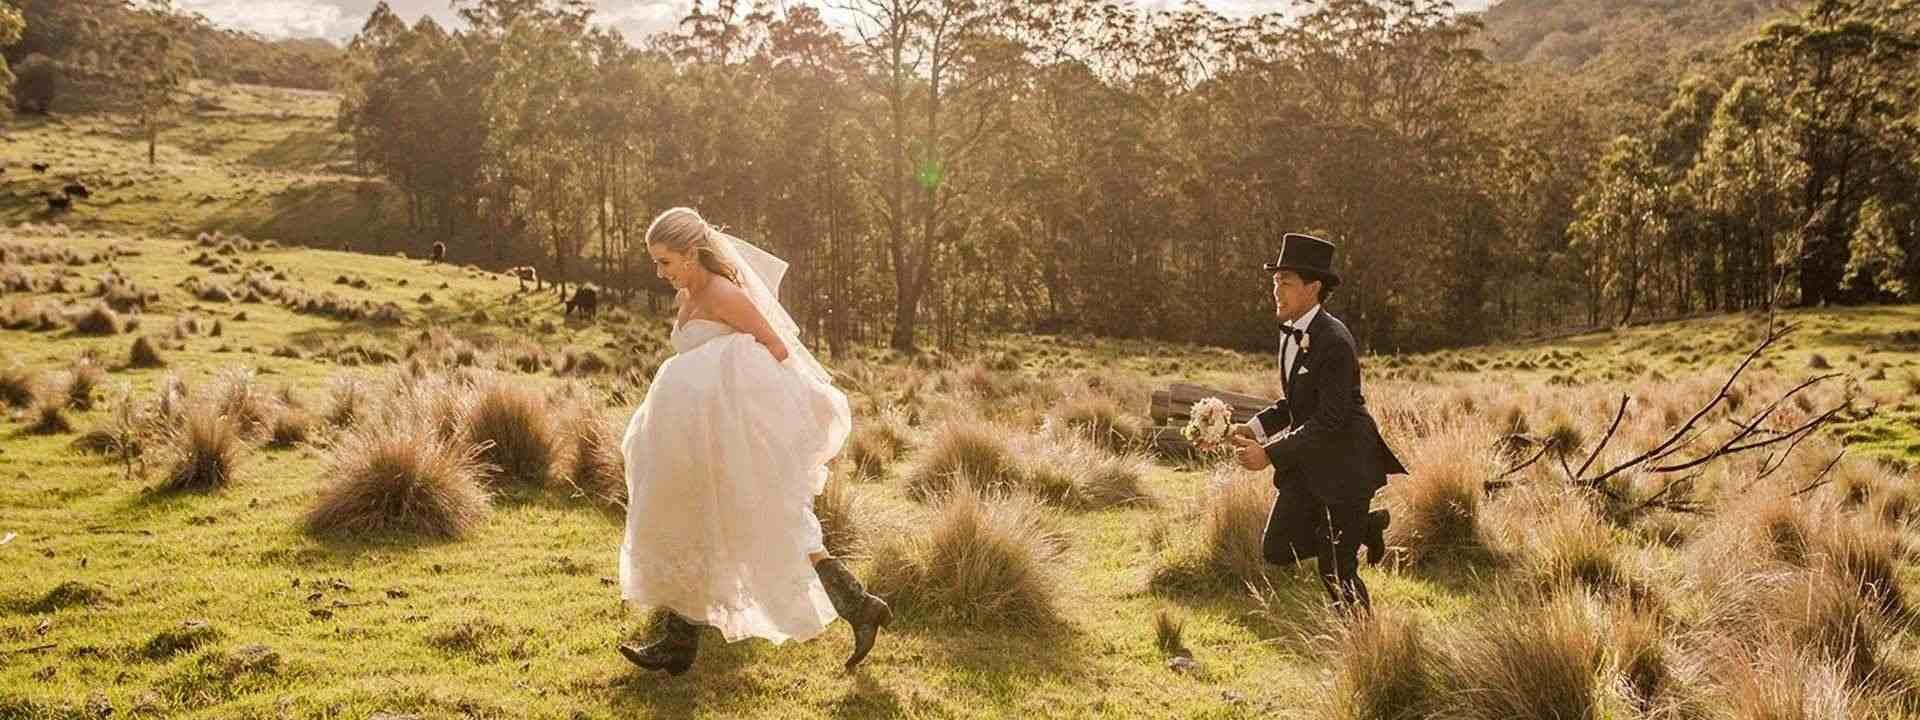 Wedding Venue - Spicers Peak Lodge 1 on Veilability